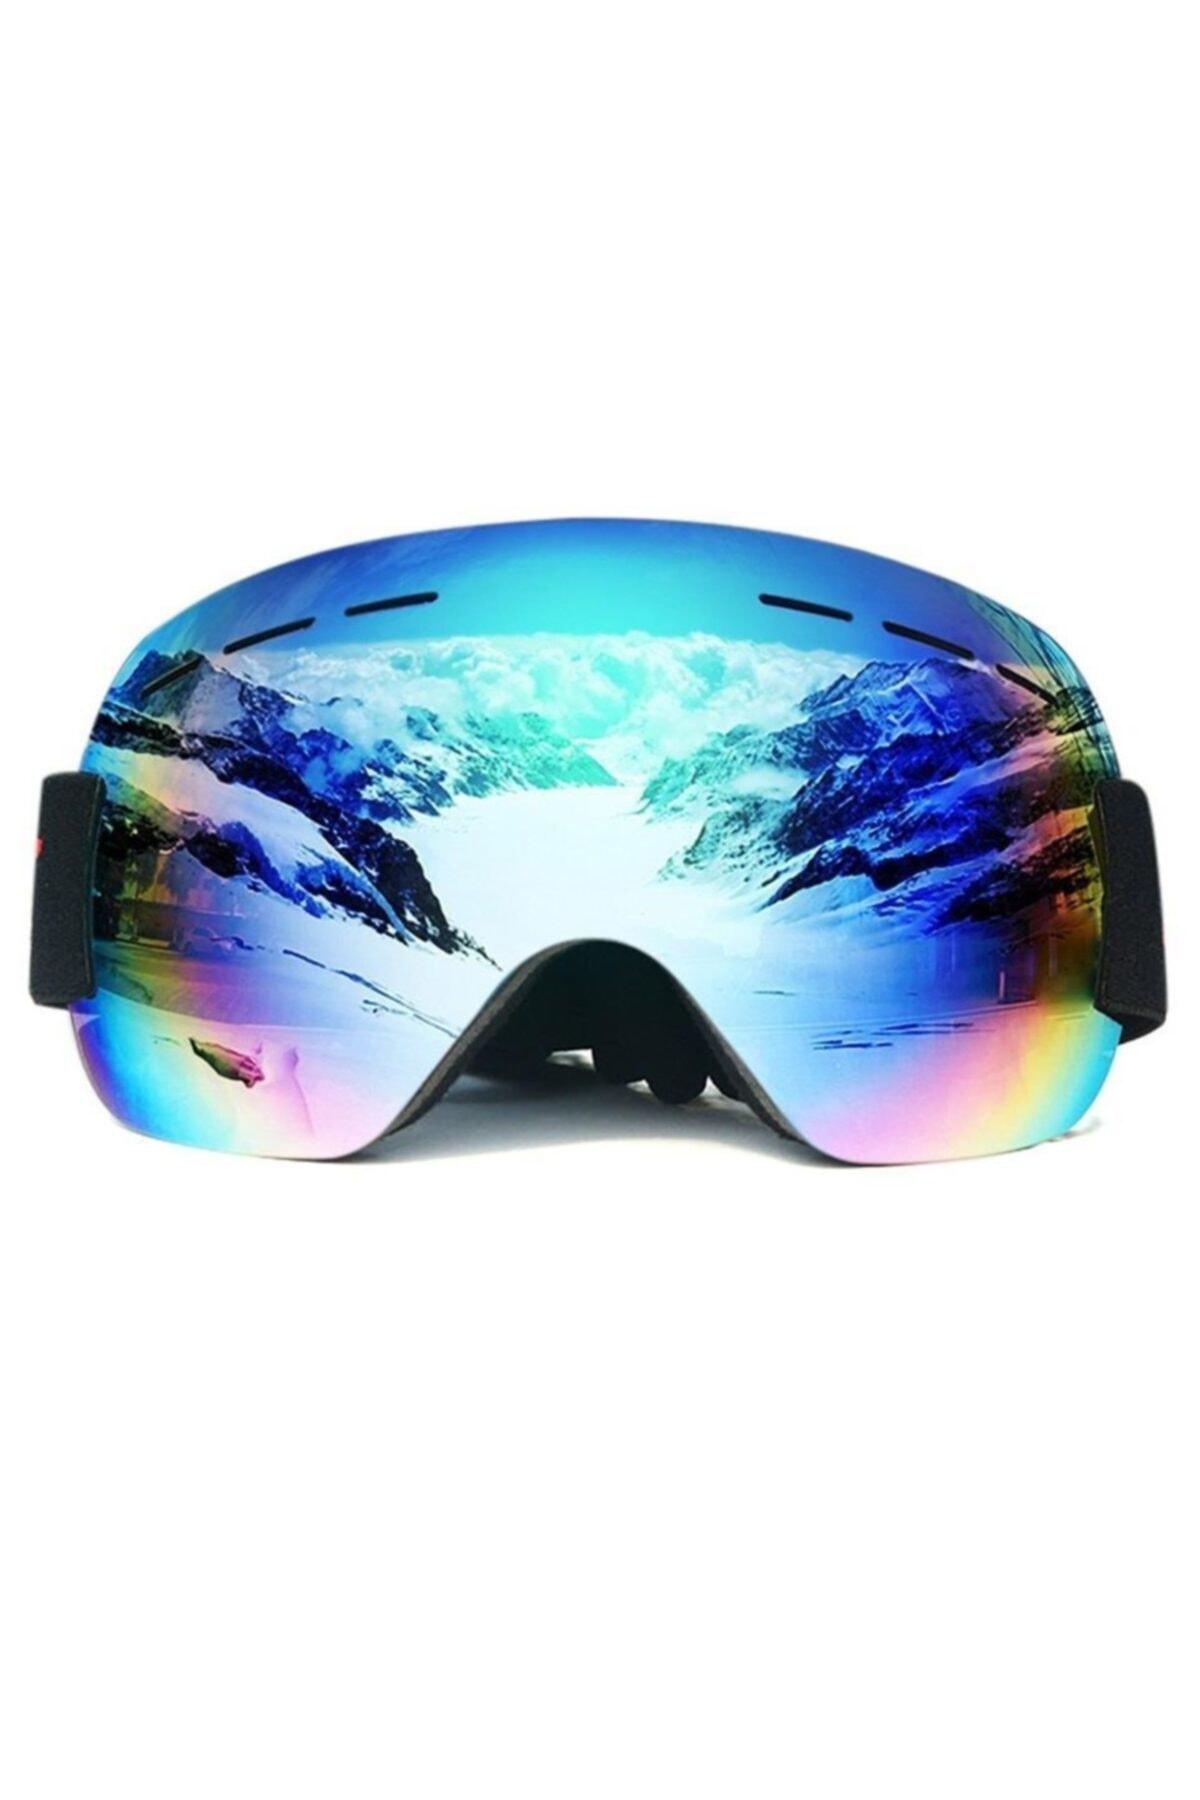 Schulzz Anti Sis Özellikli Çift Lens Uv Snowboard Kayak Gözlüğü 1